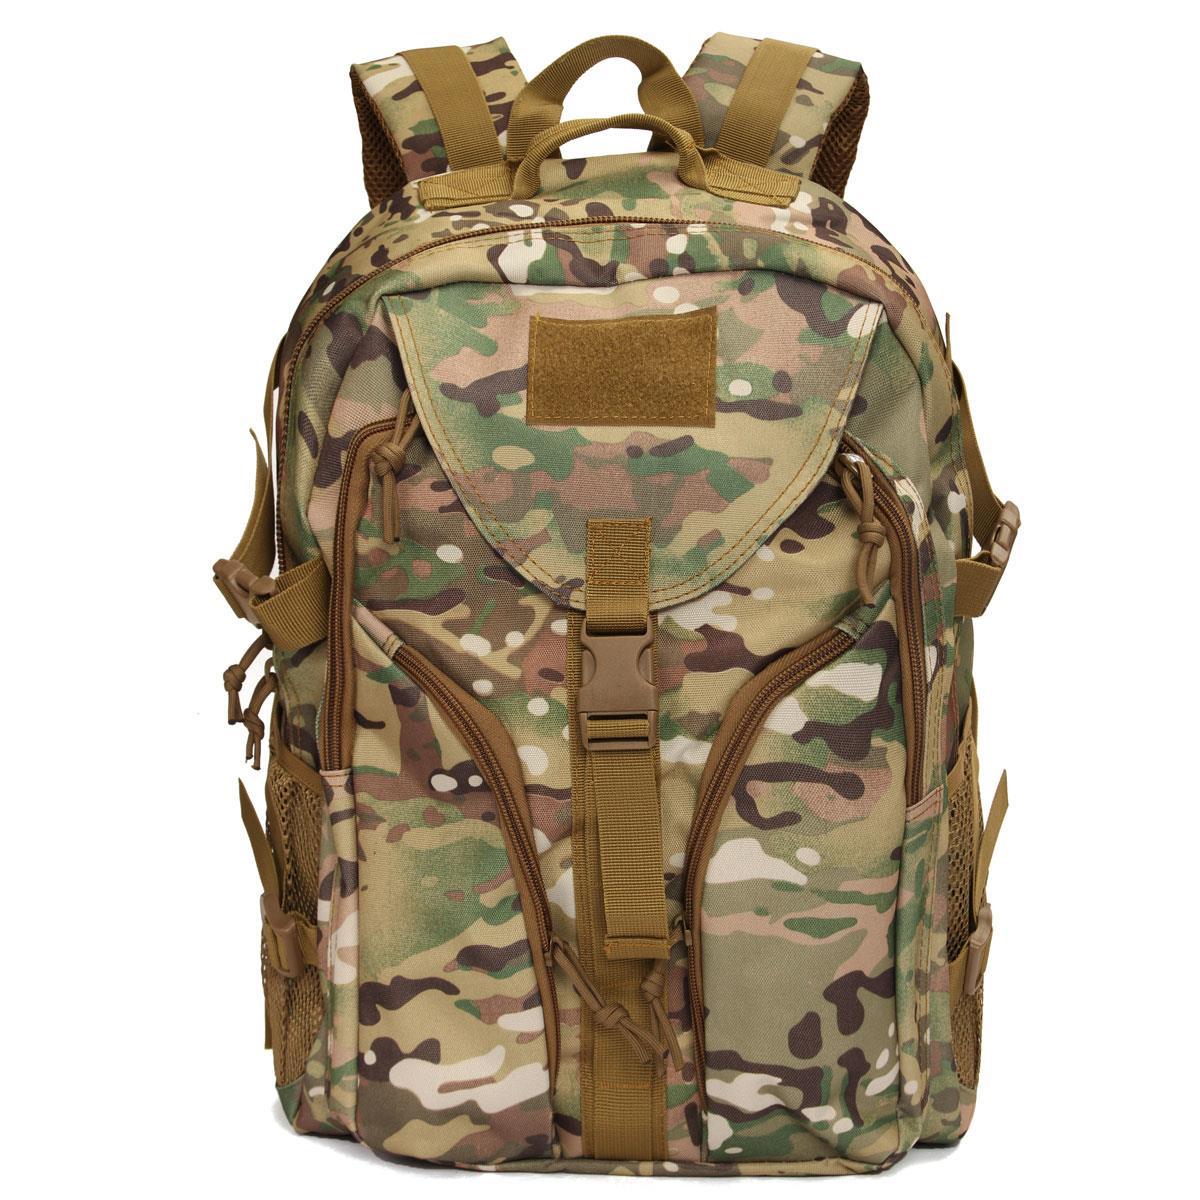 Prix pour Sac À Dos tactique Sac À Dos Militaire sac à dos Camping Randonnée 40L Sac Sports de Plein Air camping sac à dos de Voyage Sacs À Dos hommes